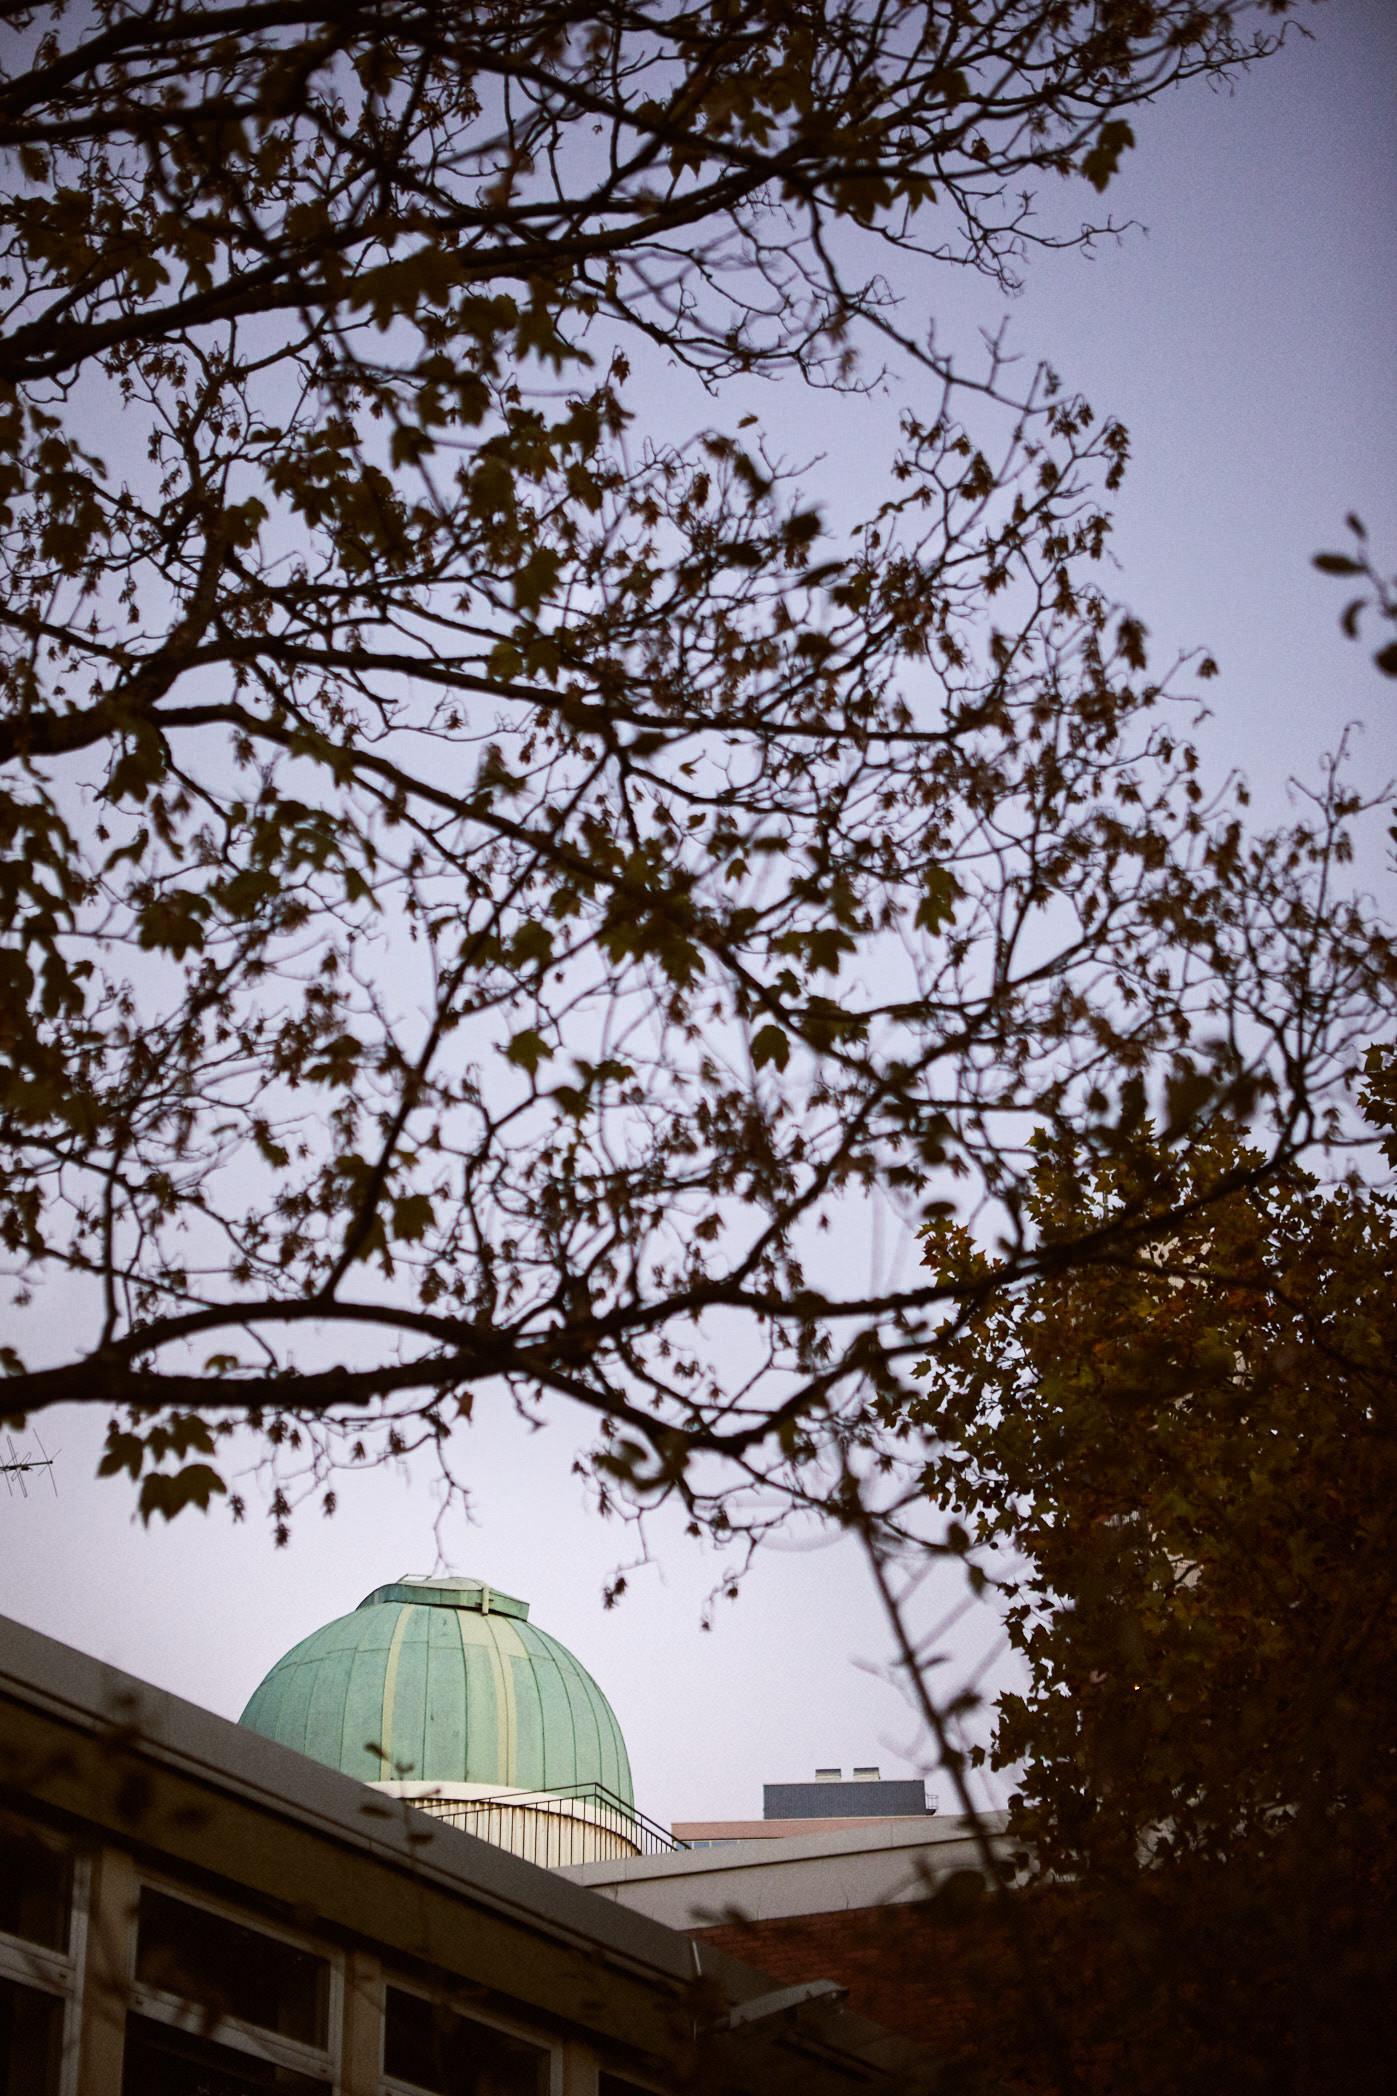 volkssternwarte köln kuppel Schiller-Gymnasium dach bäume abendstimmung